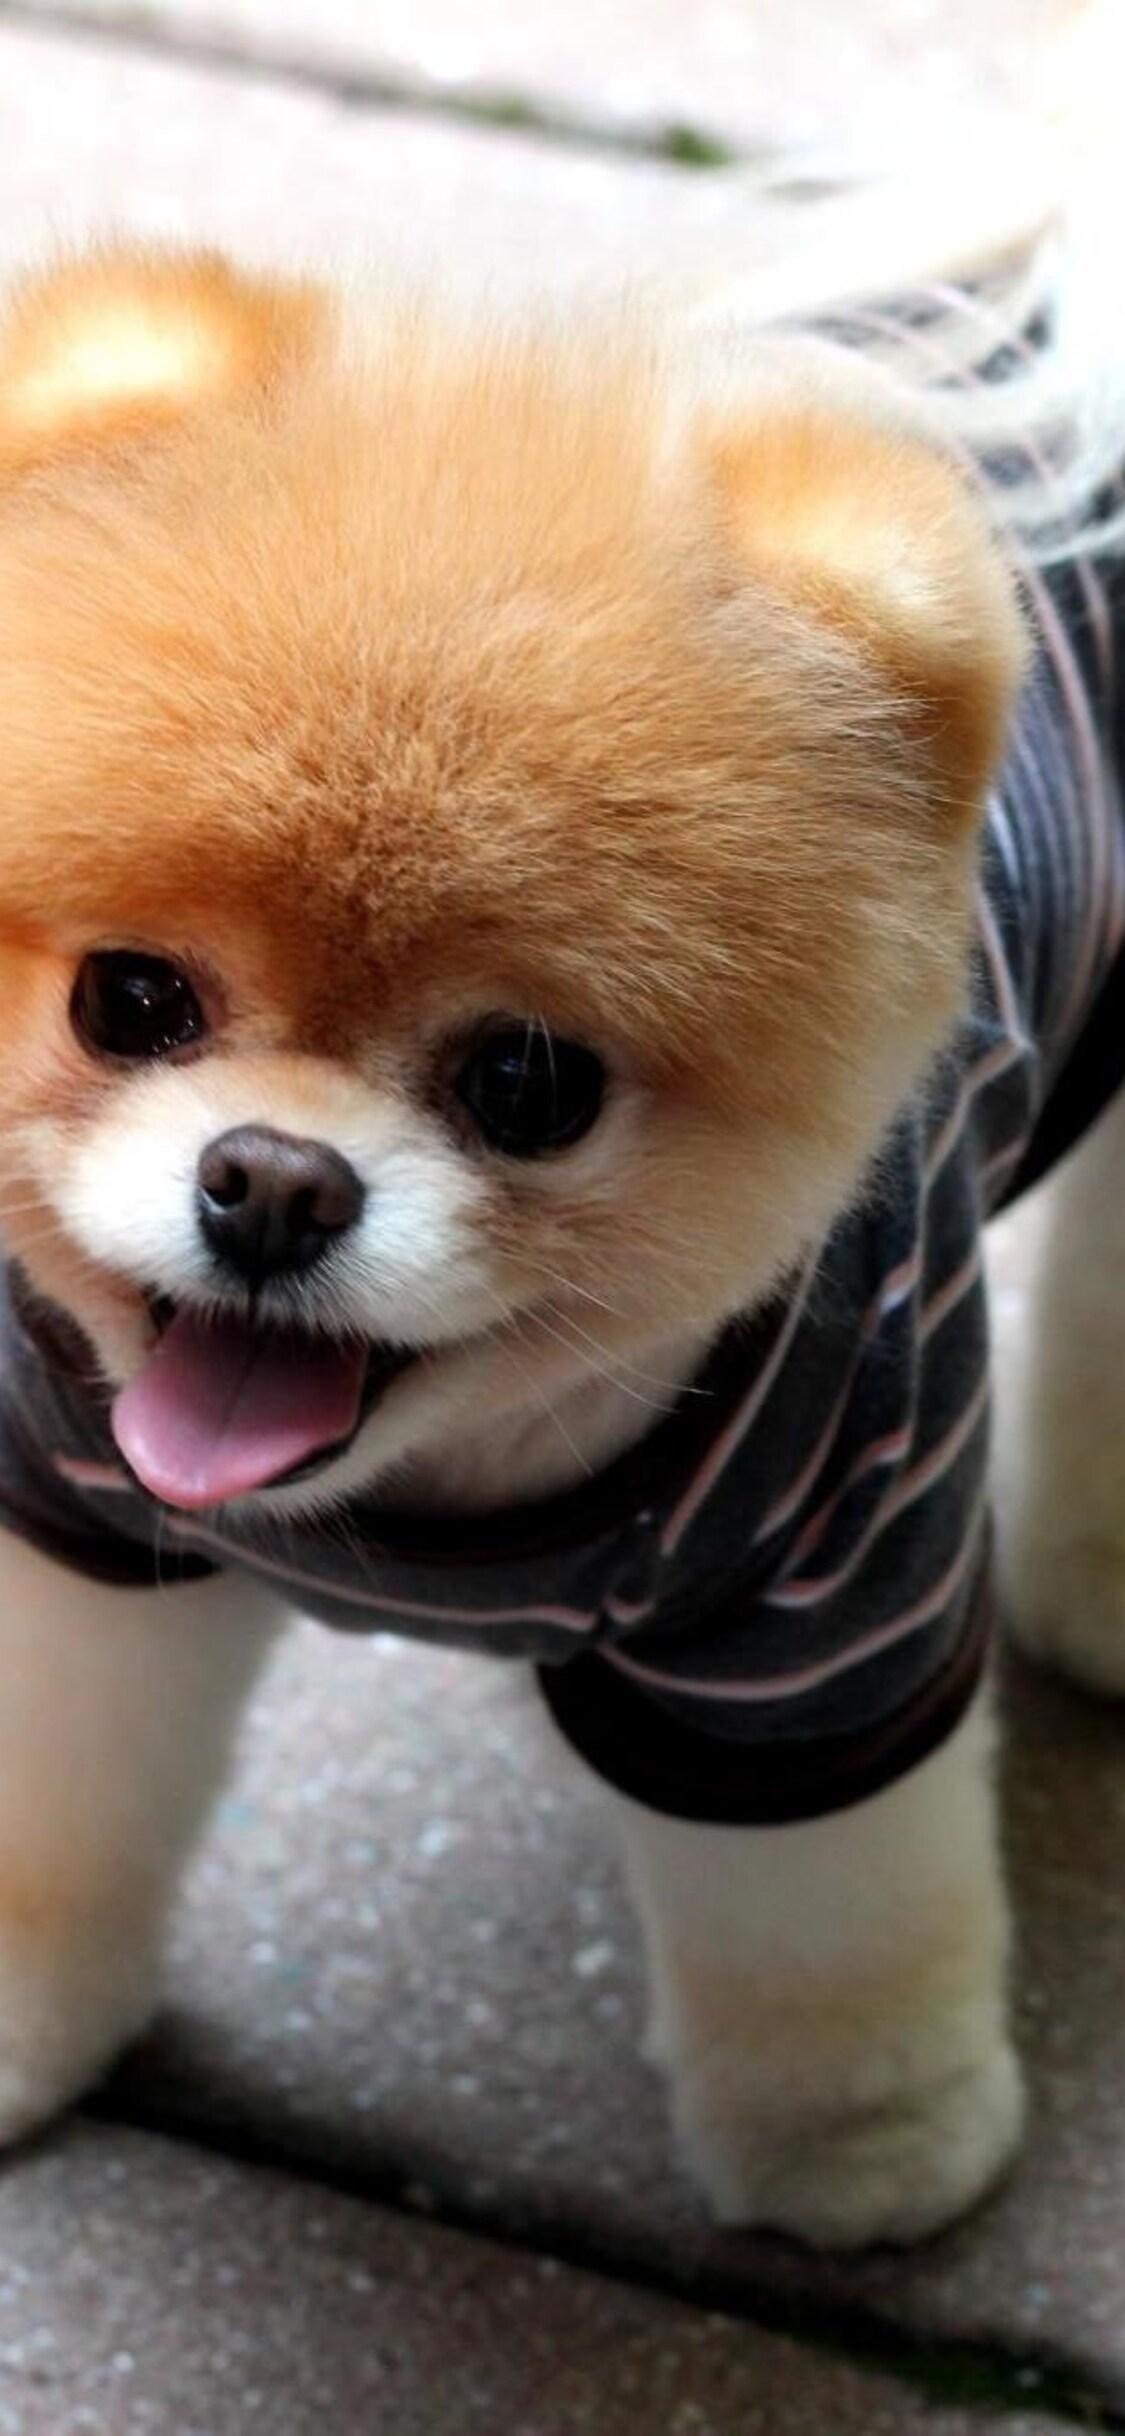 boo-puppies-qhd.jpg